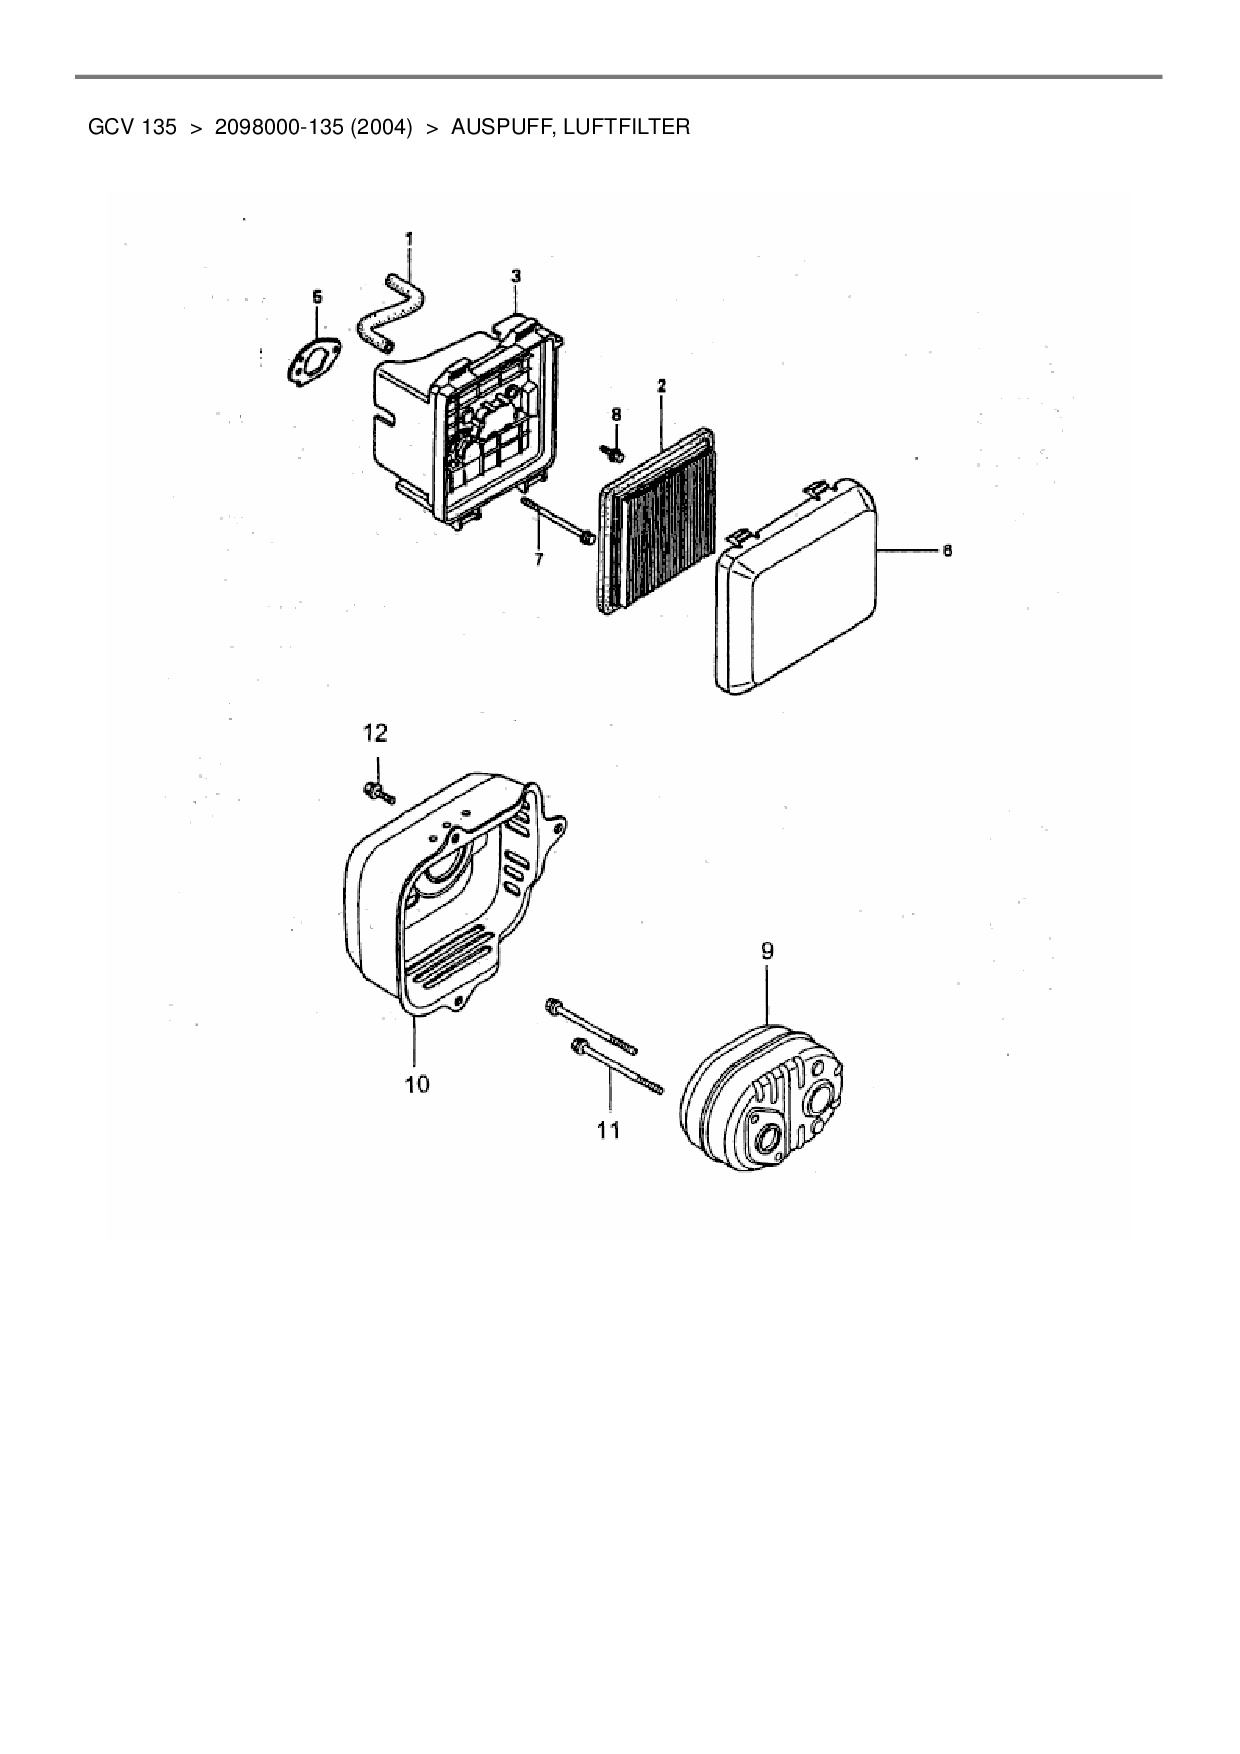 ersatzteile von wolf garten benzinmotor honda gcv 135 aus. Black Bedroom Furniture Sets. Home Design Ideas